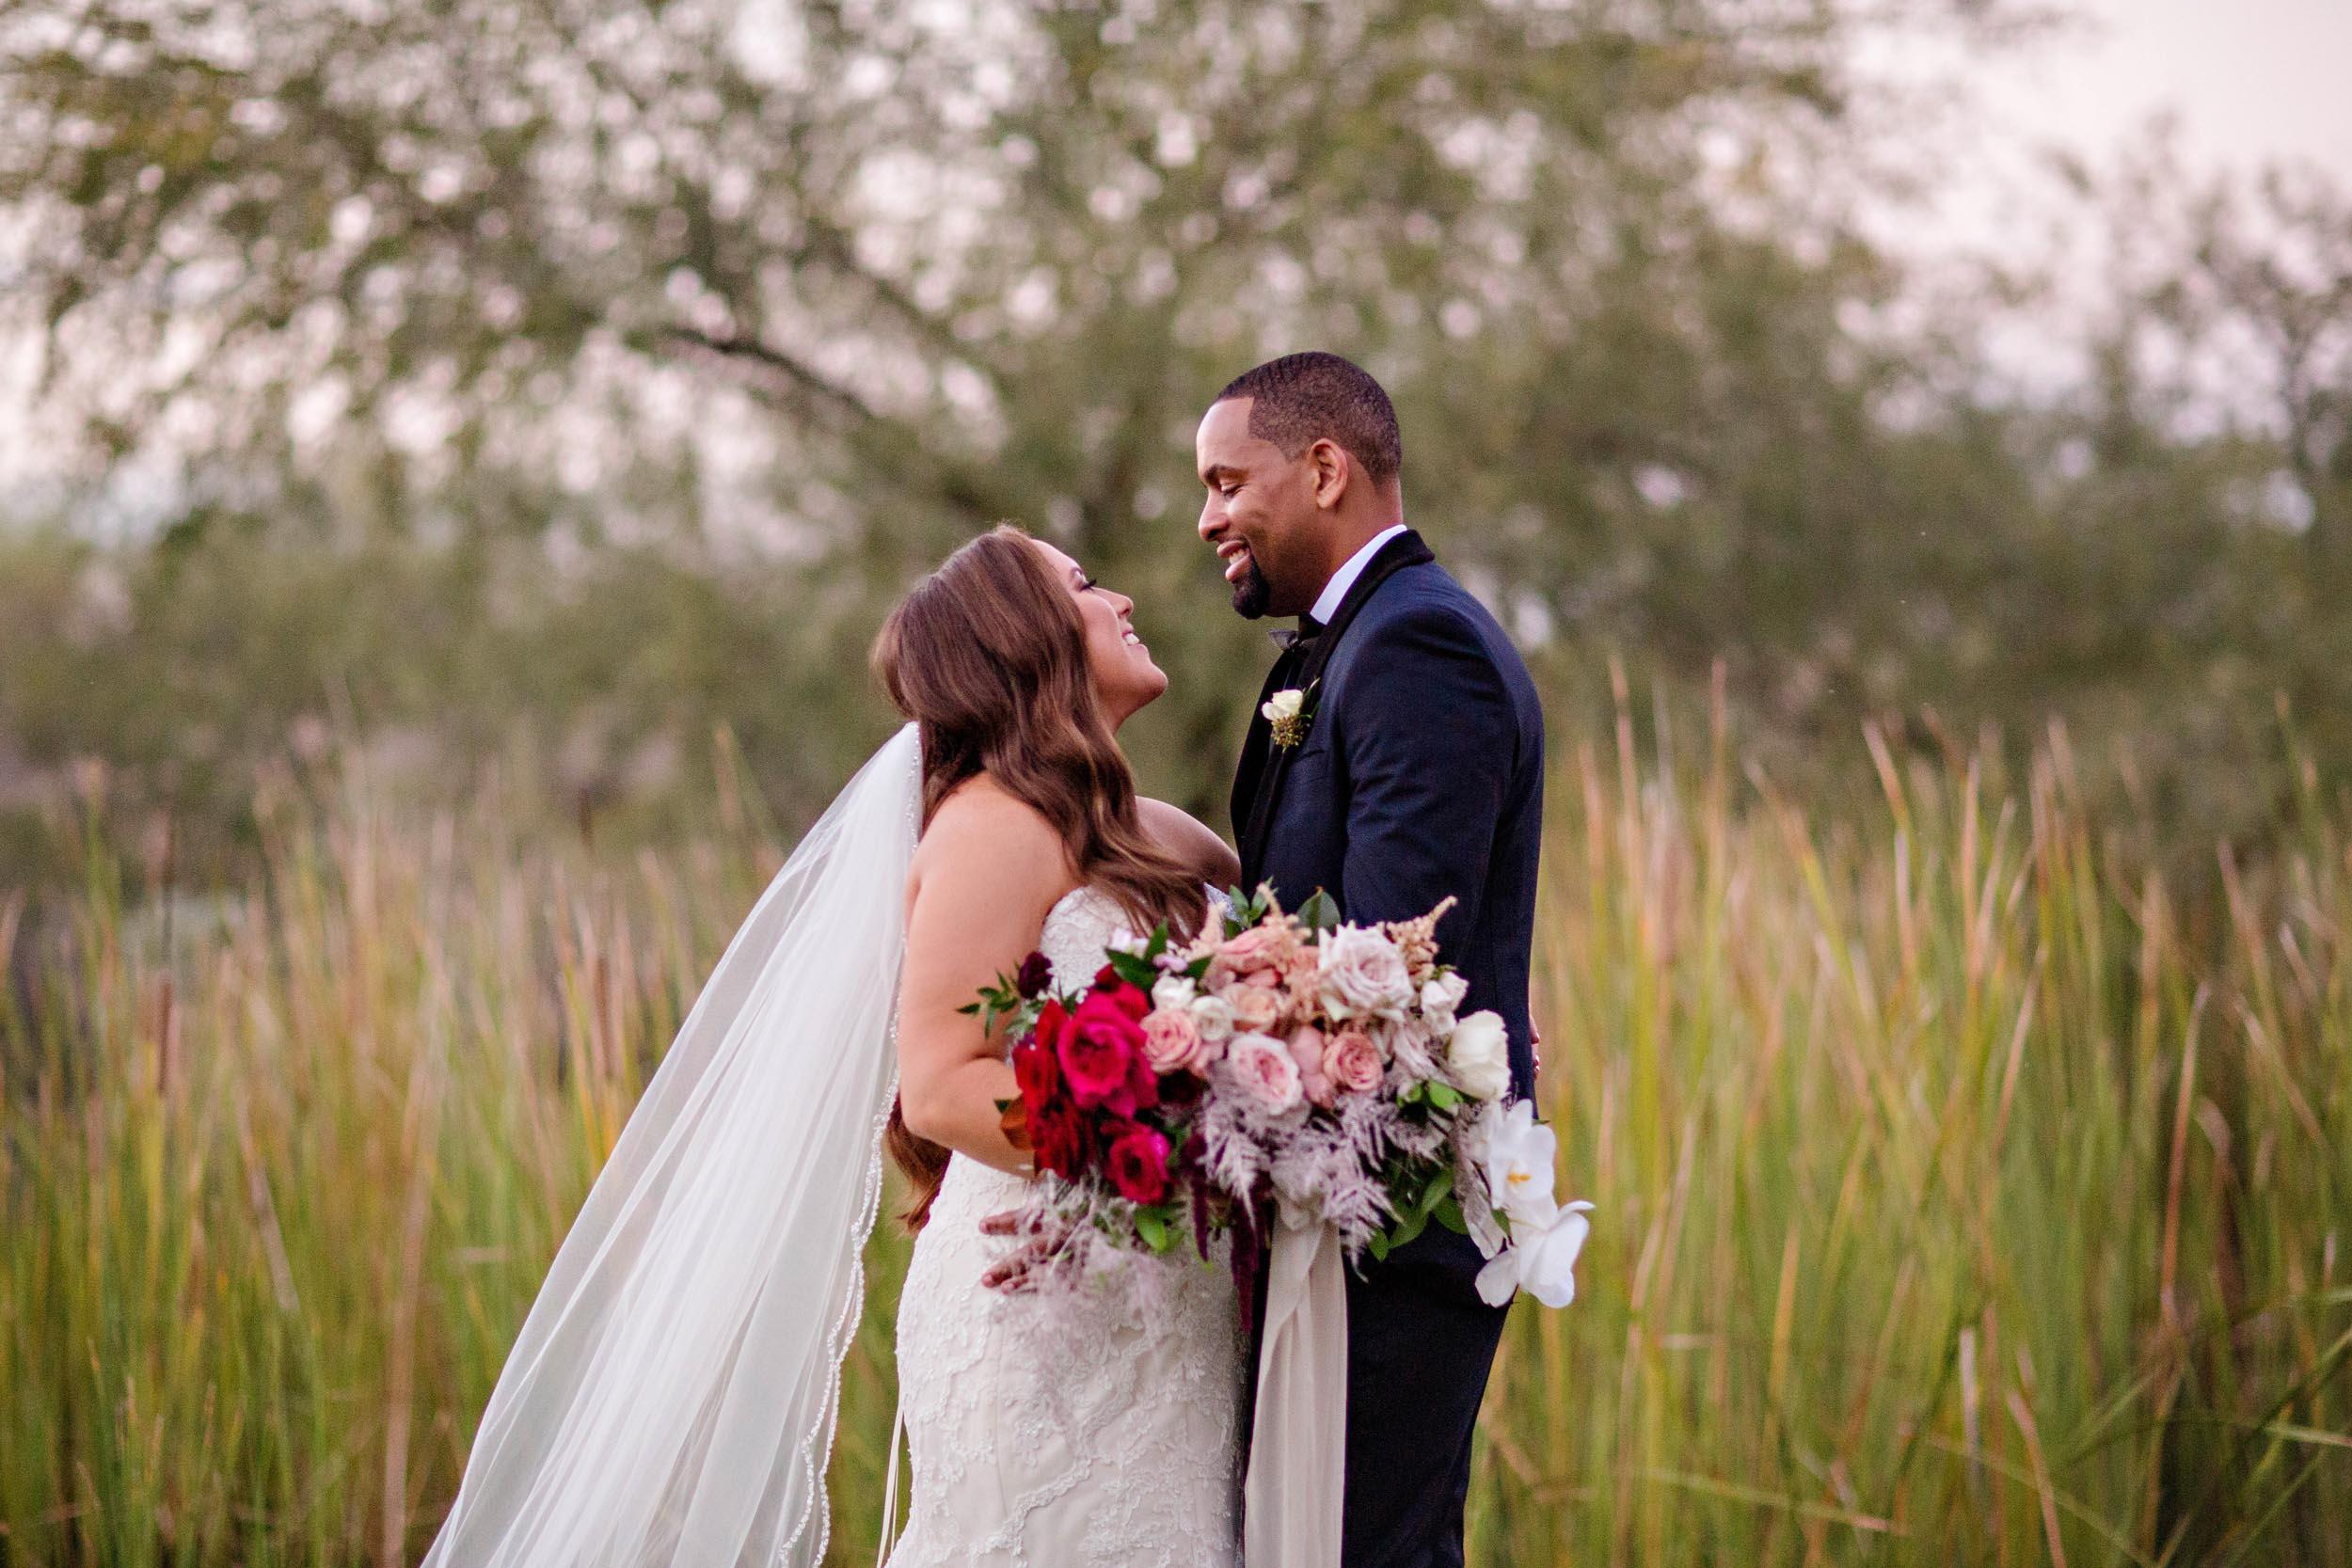 weddings-wildhorse-27.jpg